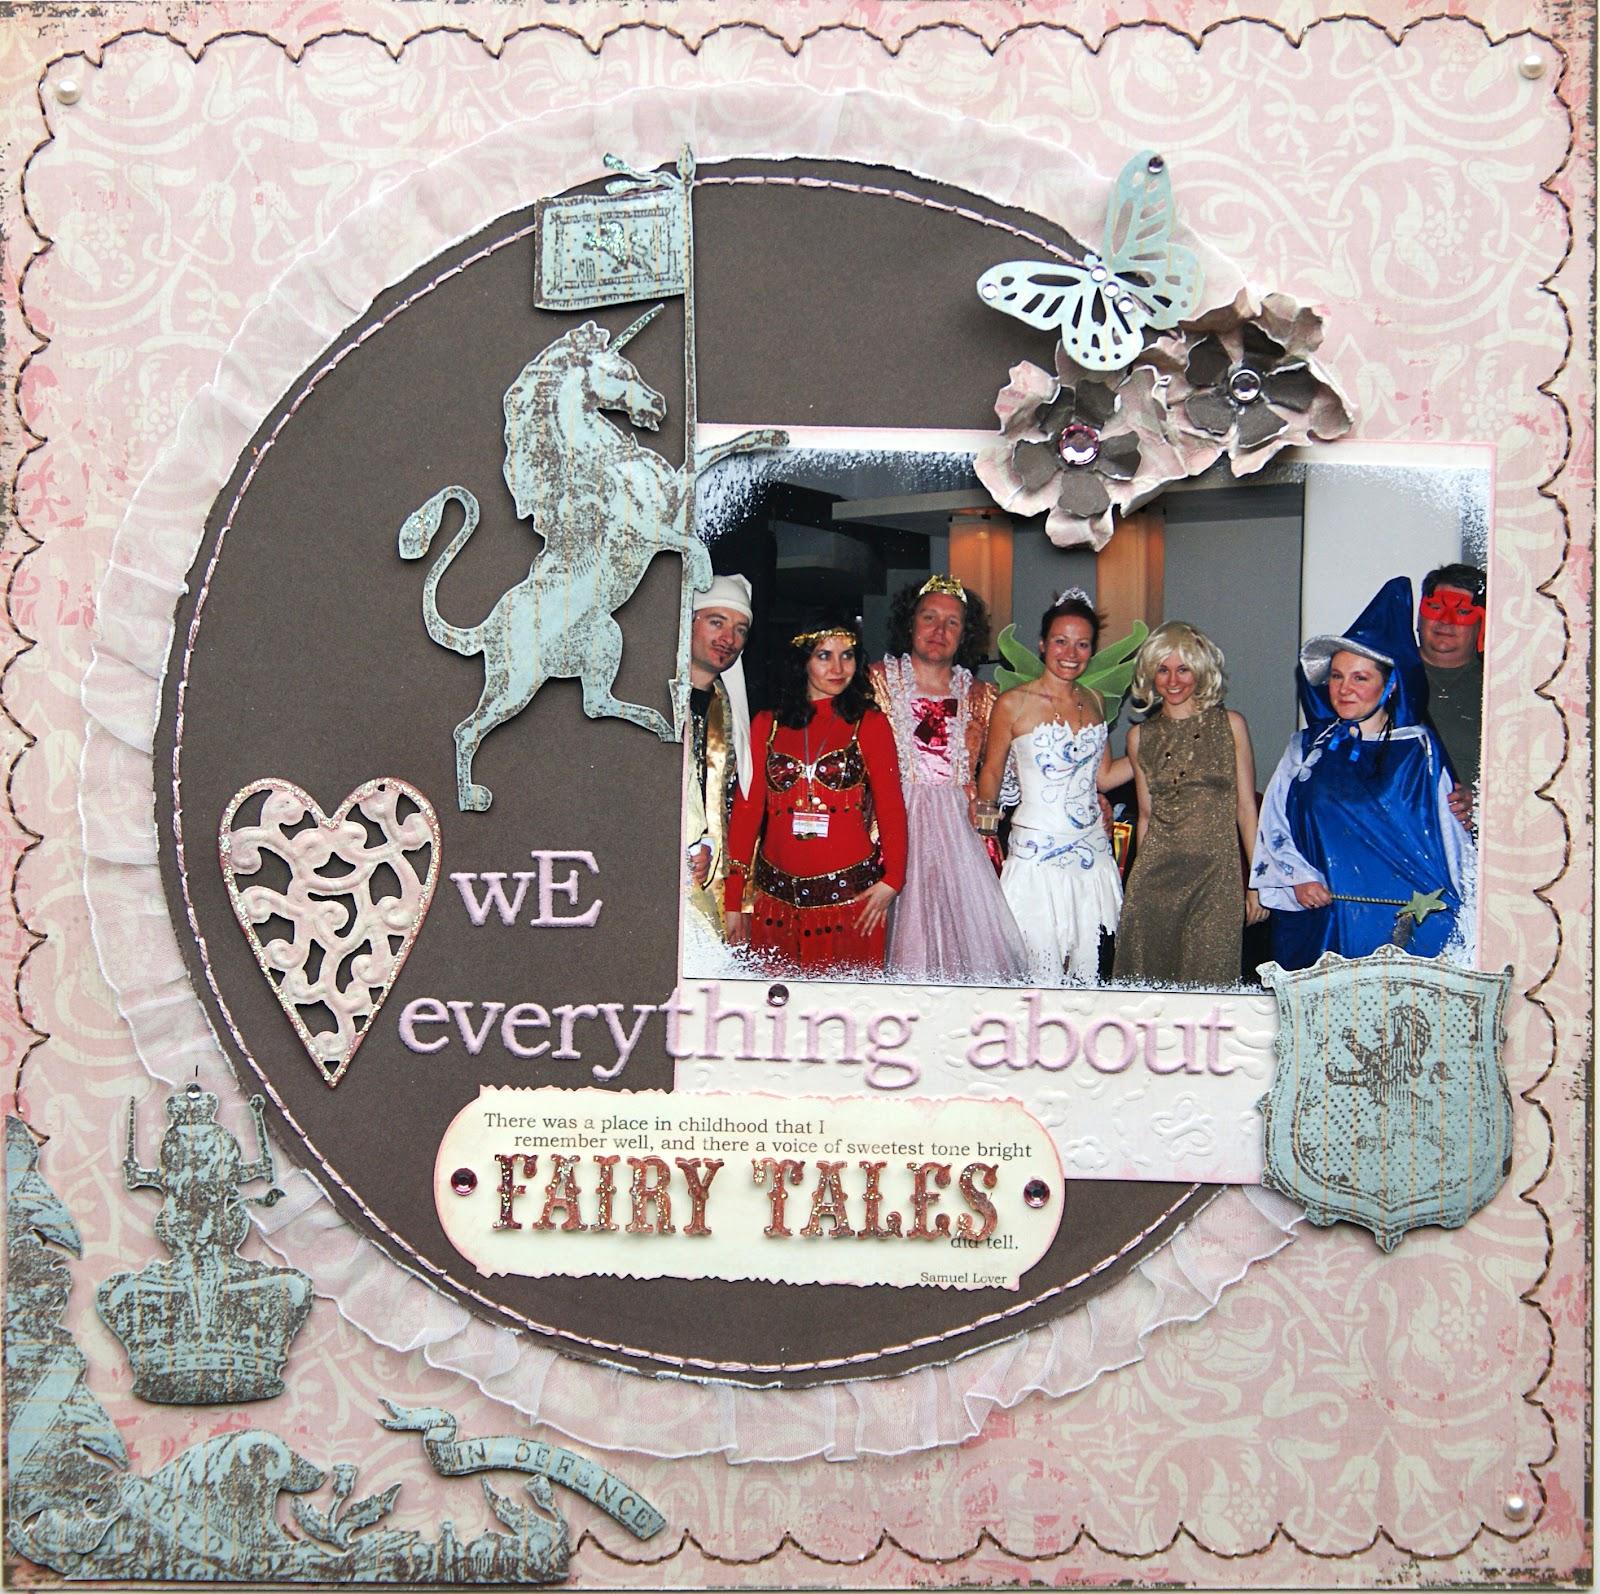 http://3.bp.blogspot.com/-IxFbMih8gGk/UCWQCbU9QJI/AAAAAAAAC_8/snxNIkJbqn8/s1600/love-everything-about-fairy-tales.JPG